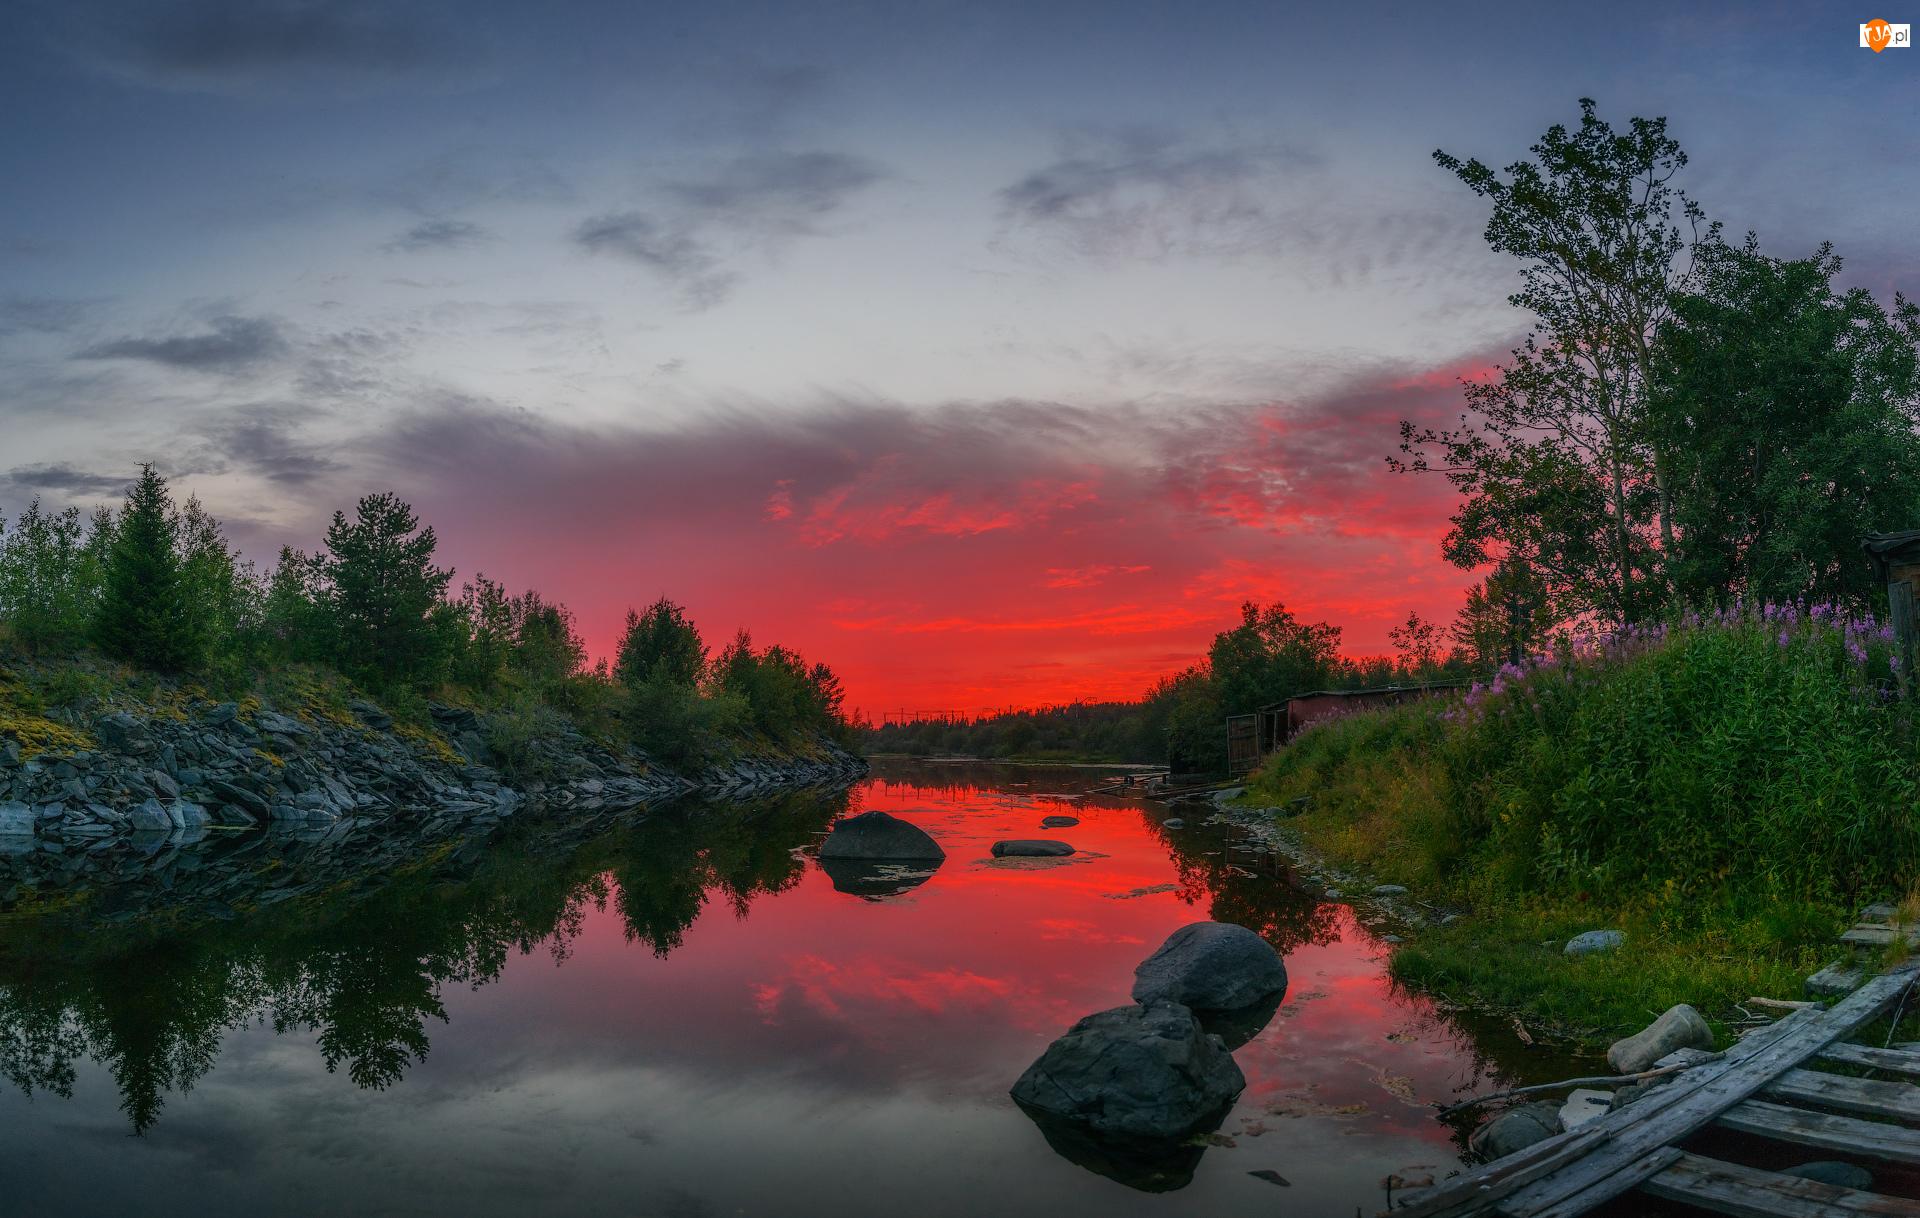 Kamienie, Zachód słońca, Rośliny, Rzeka, Drzewa